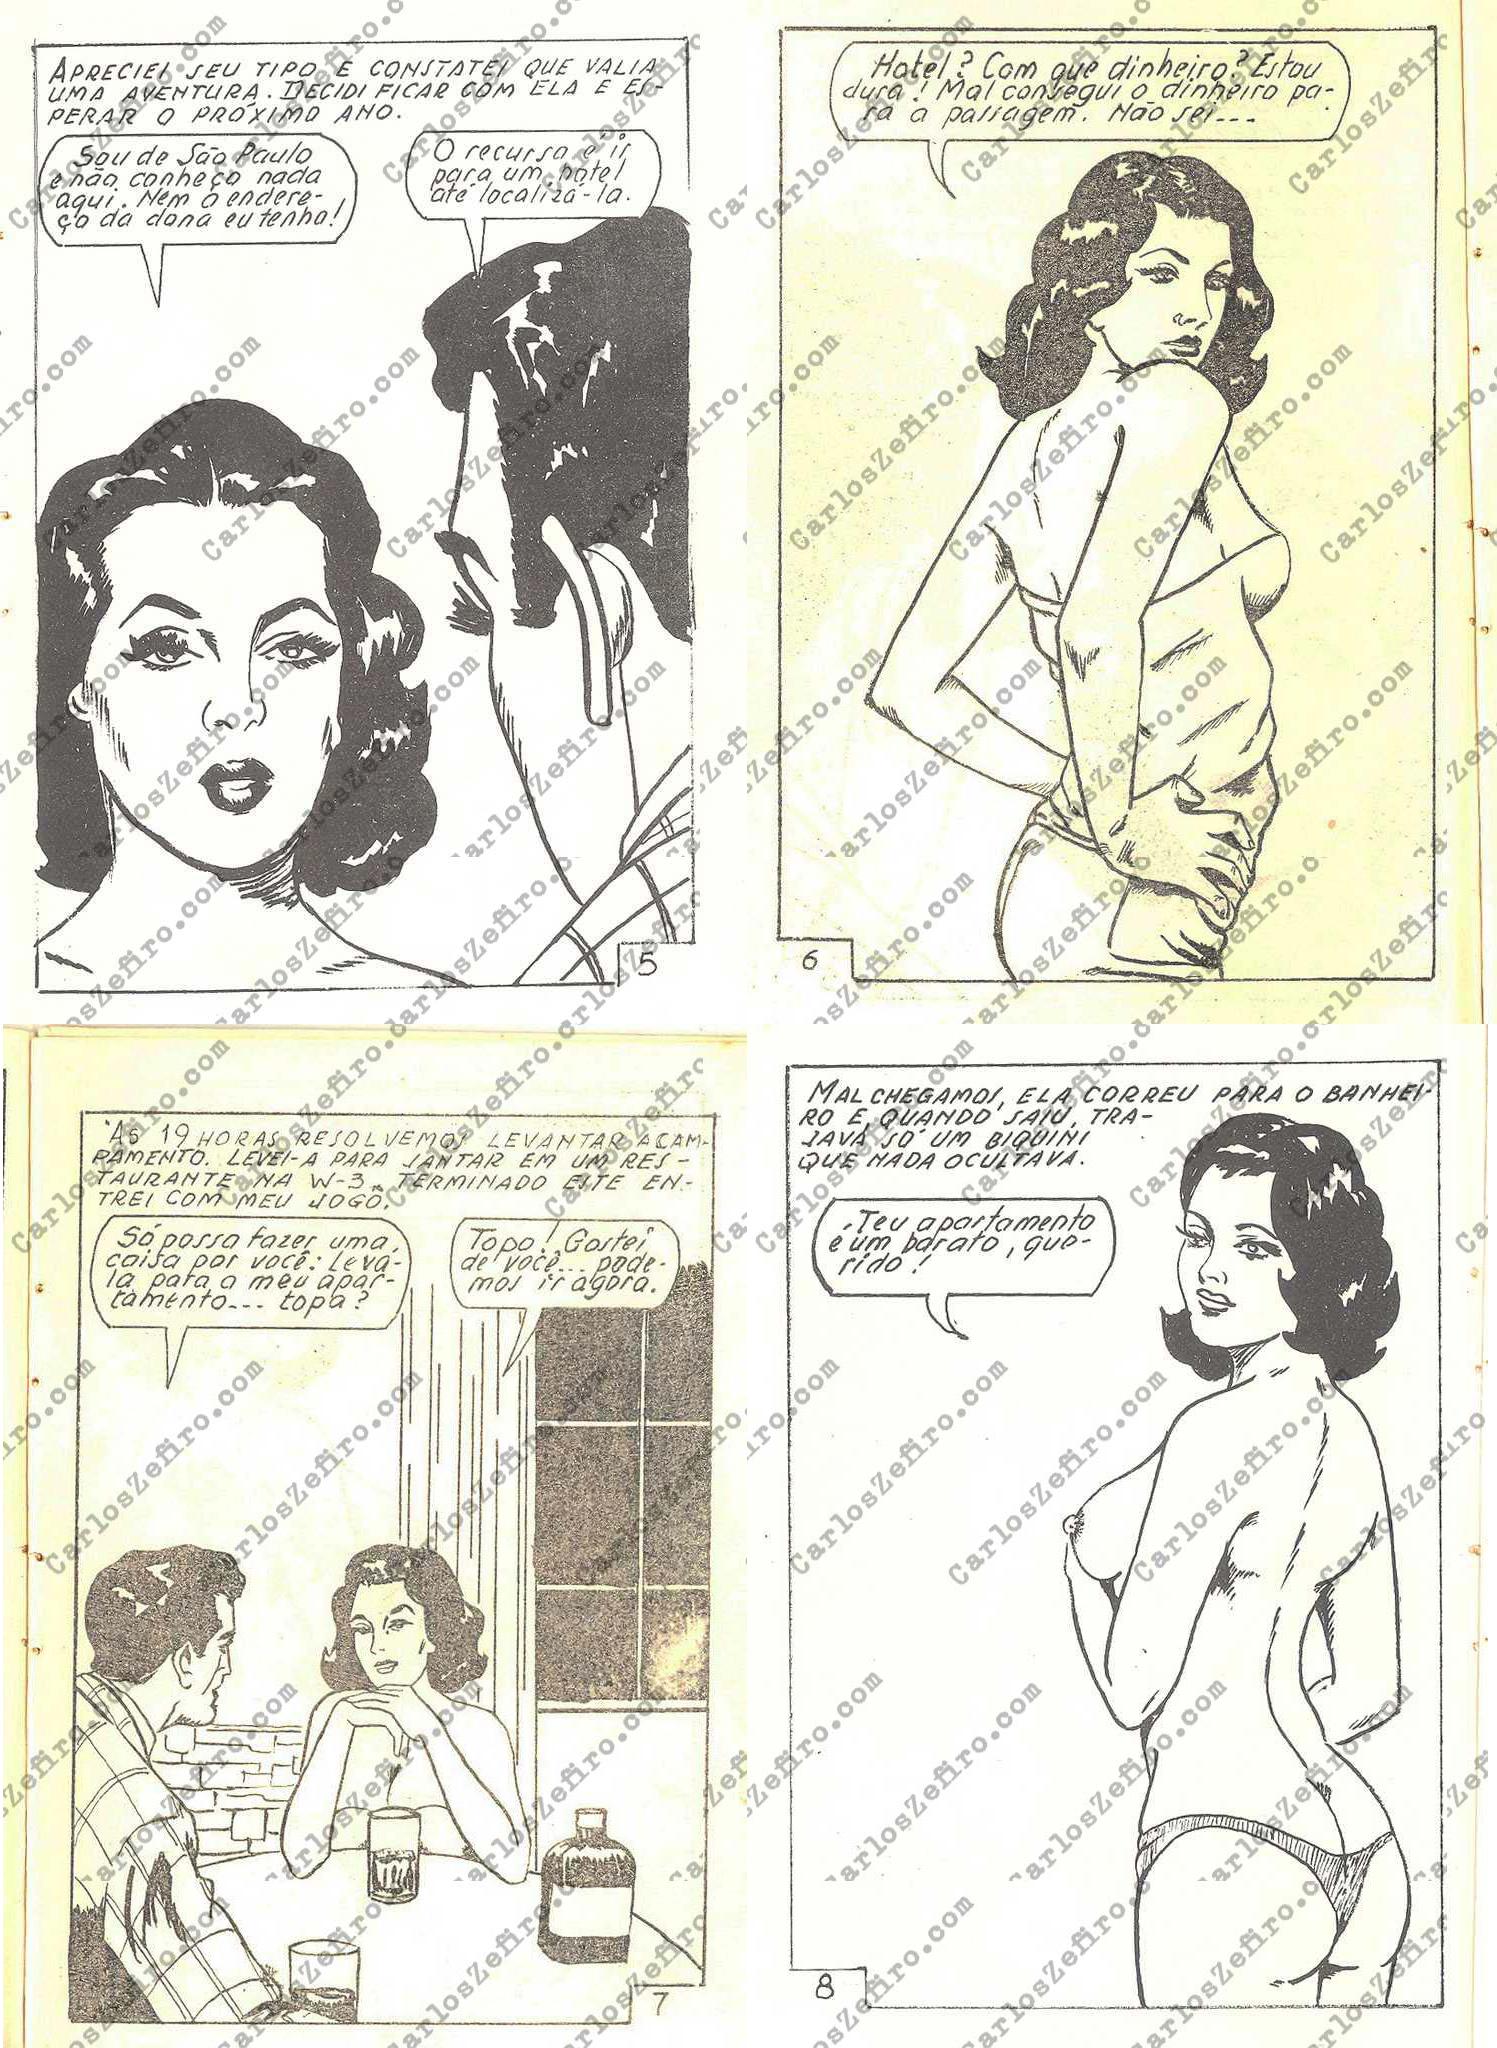 carlos-zefiro-quadrinhos-eroticos-pornograficos-arte-1